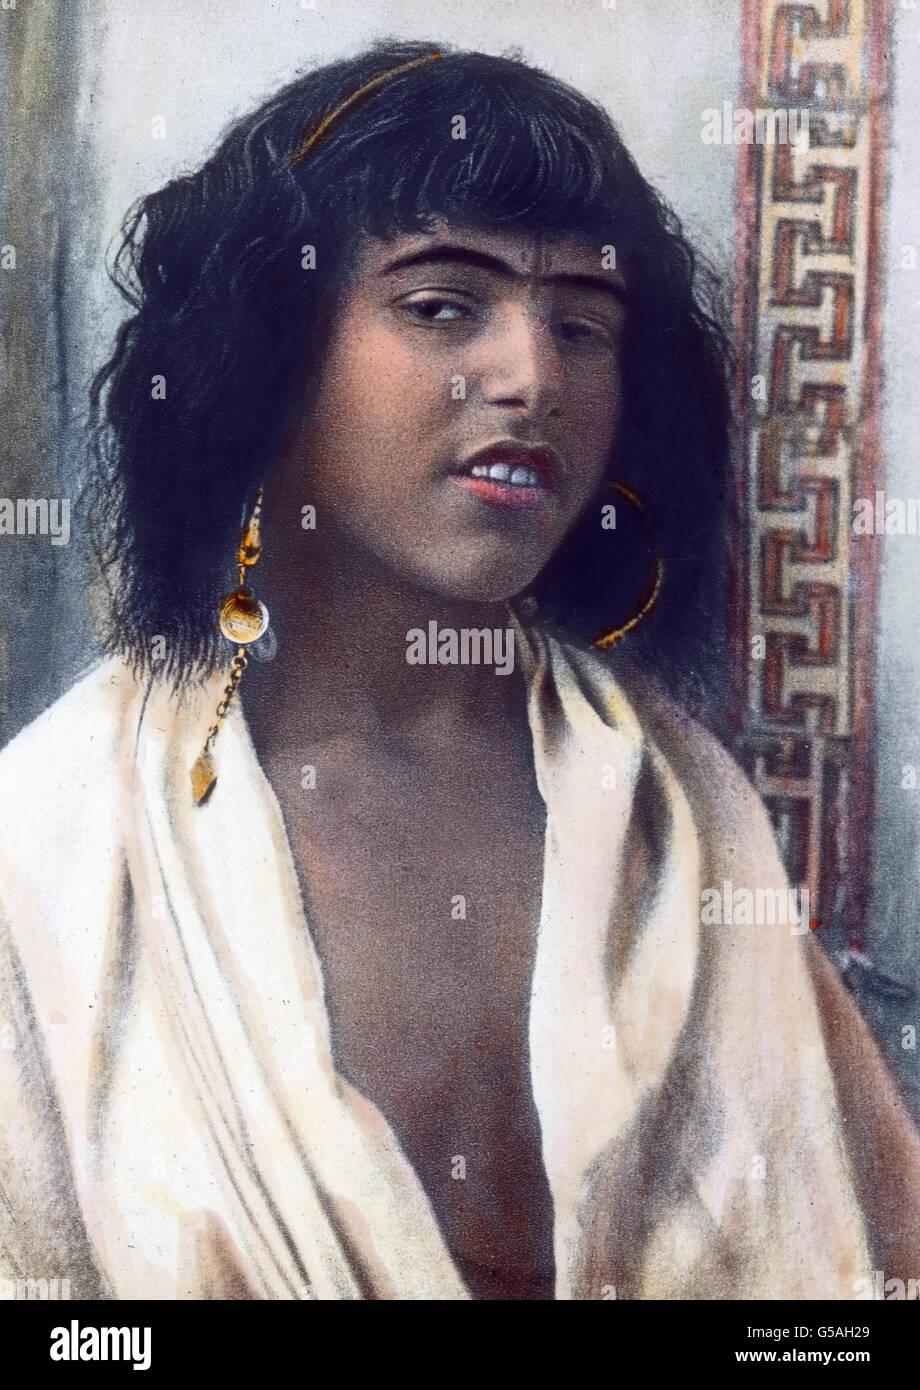 Ein Mädchen aus dem Volk der Berber. Morocco, Africa, Northern, Maghreb, Maghrib, travel, 1910s, 1920s, 20th century, Stock Photo